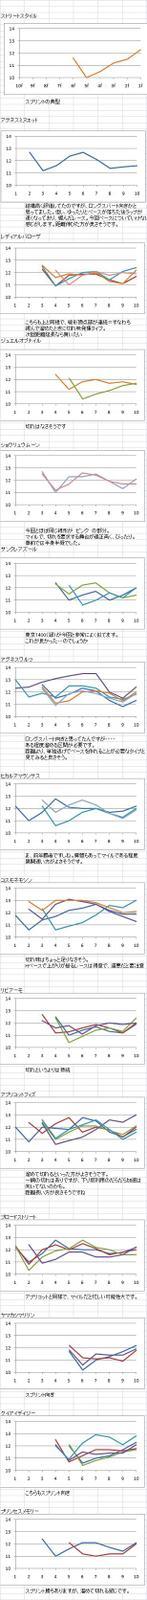 Kyotoall_4